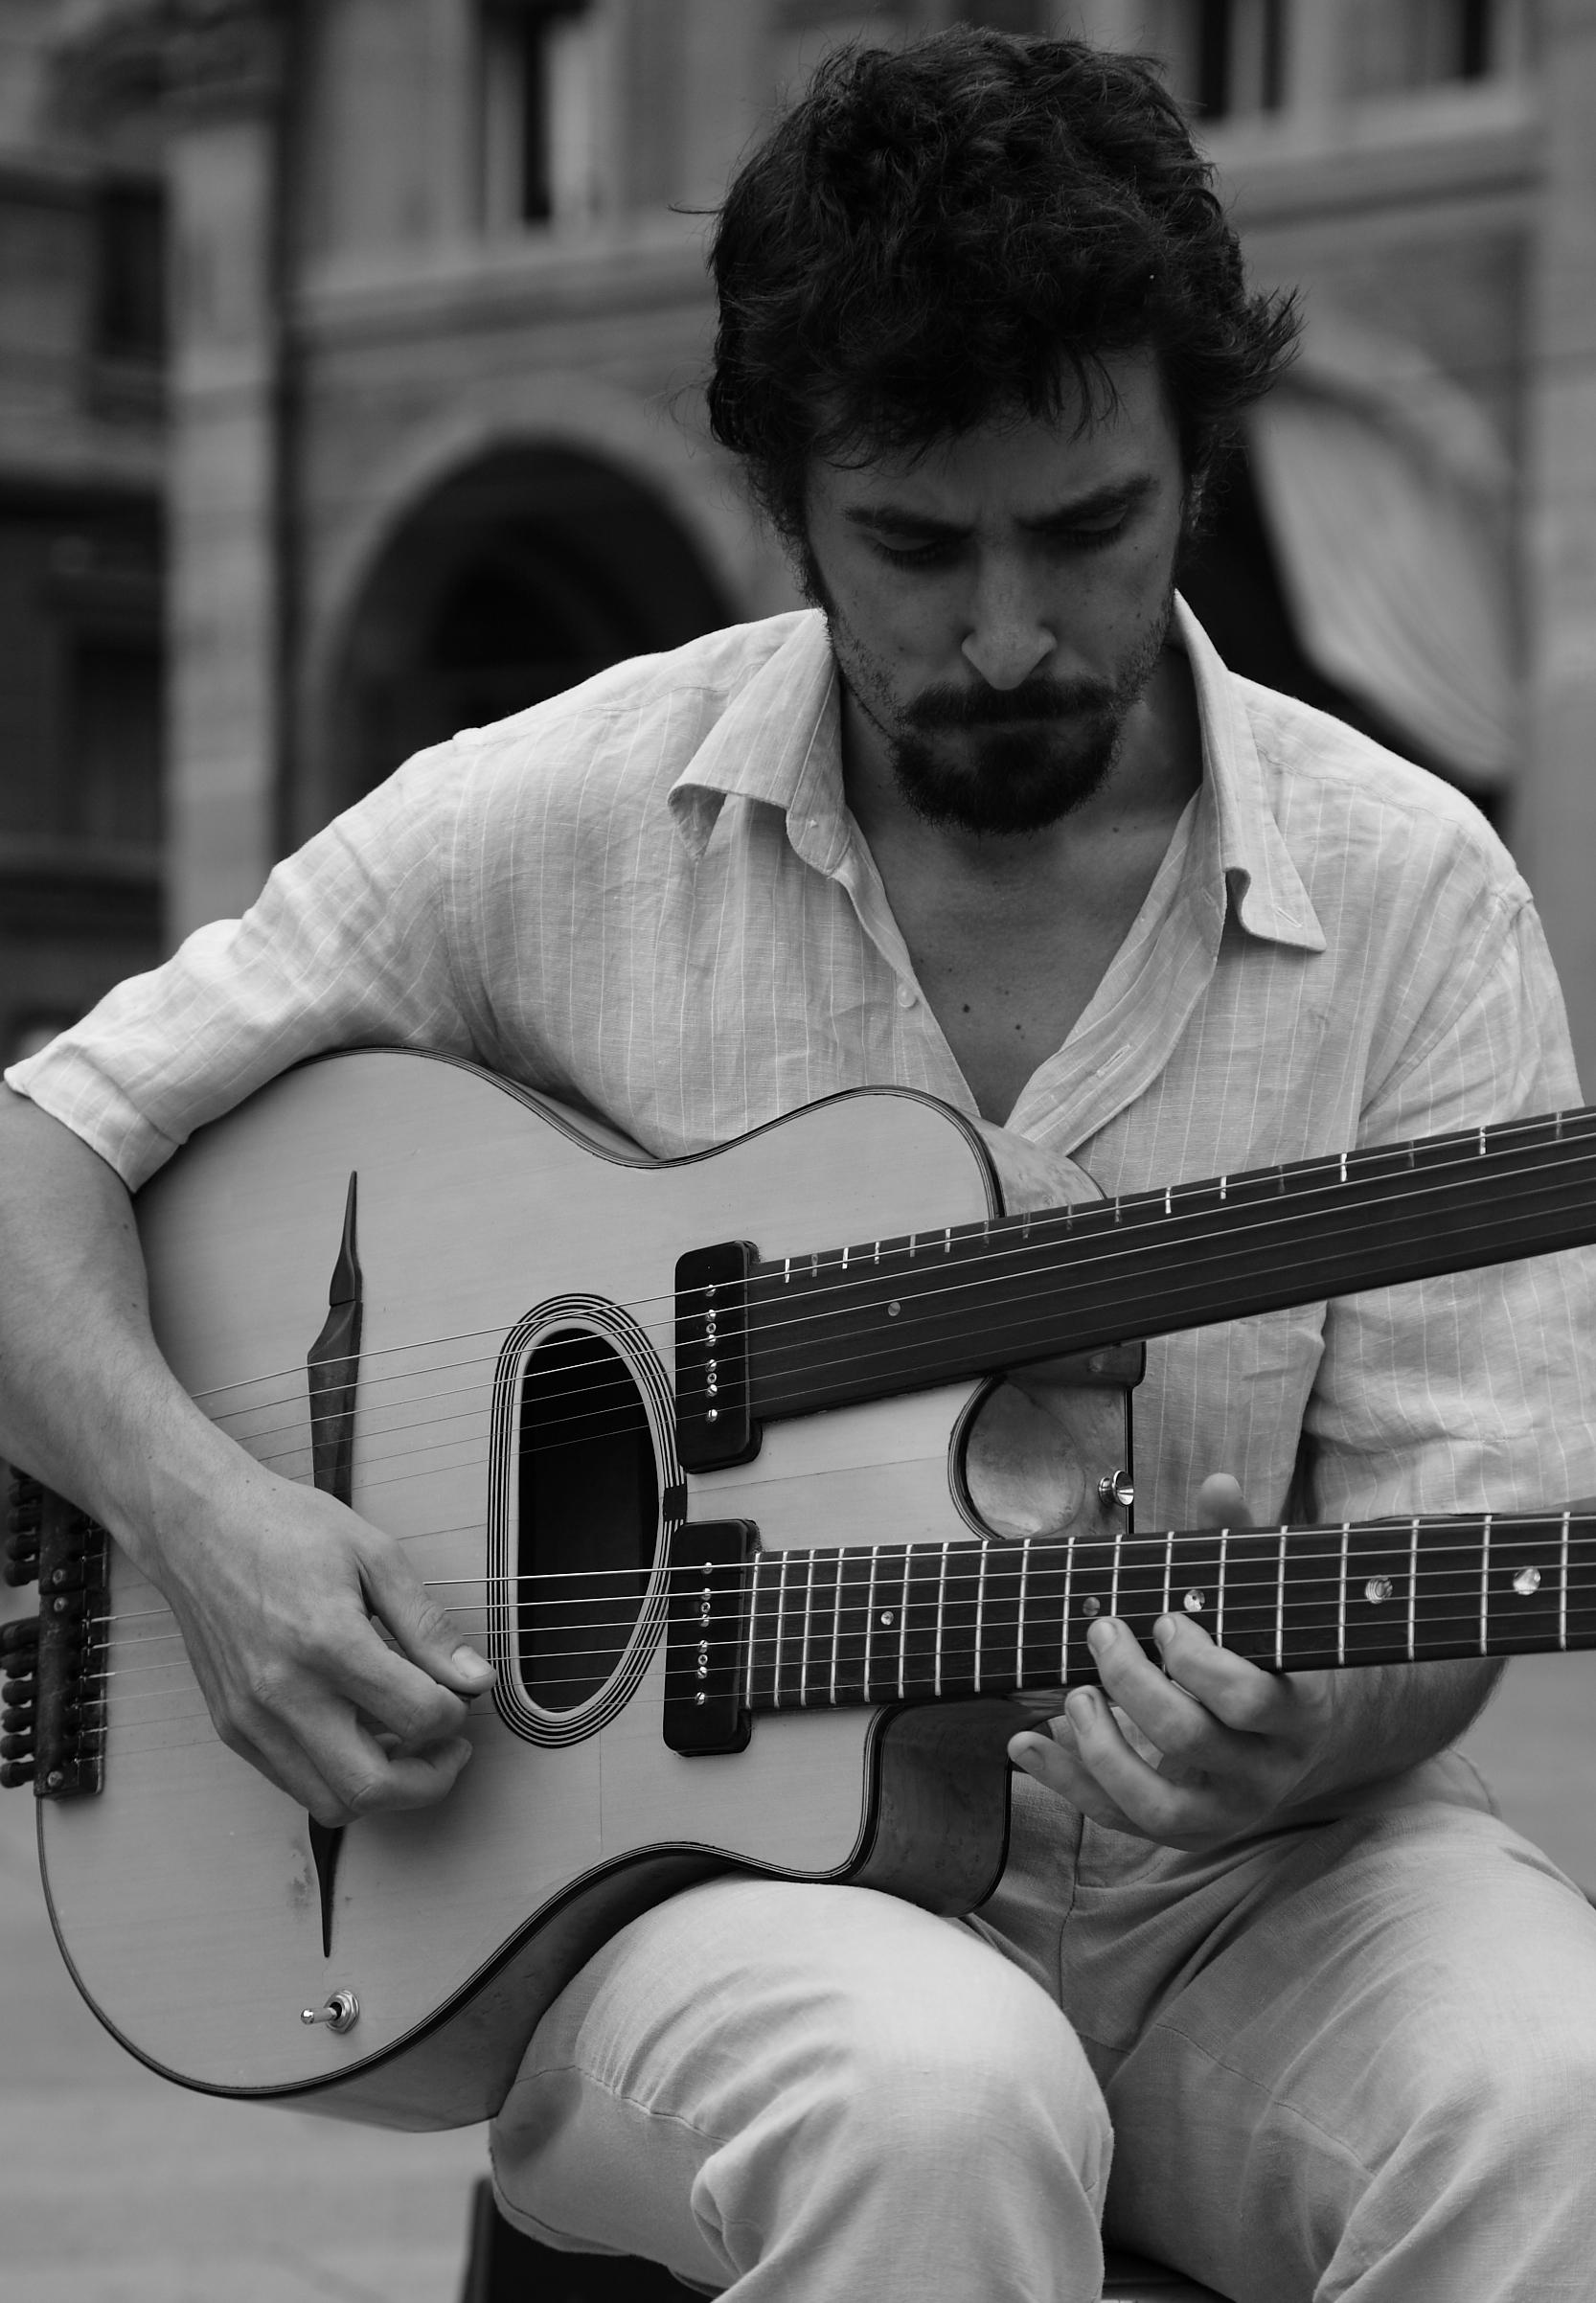 Tolga During Double neck guitar. Piazza Maggiore, Bologna